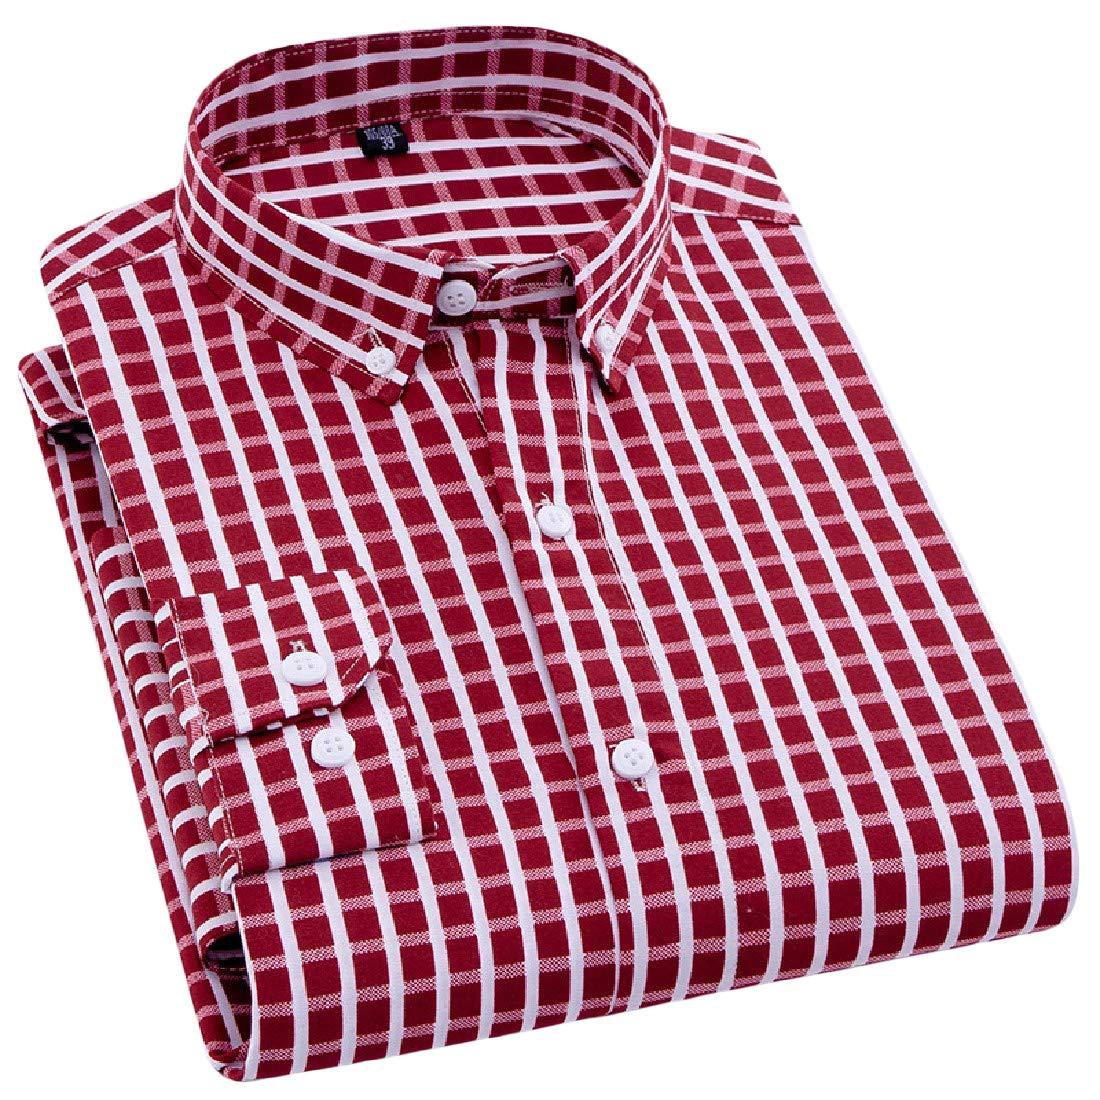 Joe Wenko Men Fashion Printed Casual Long Sleeve Button-Down Shirt